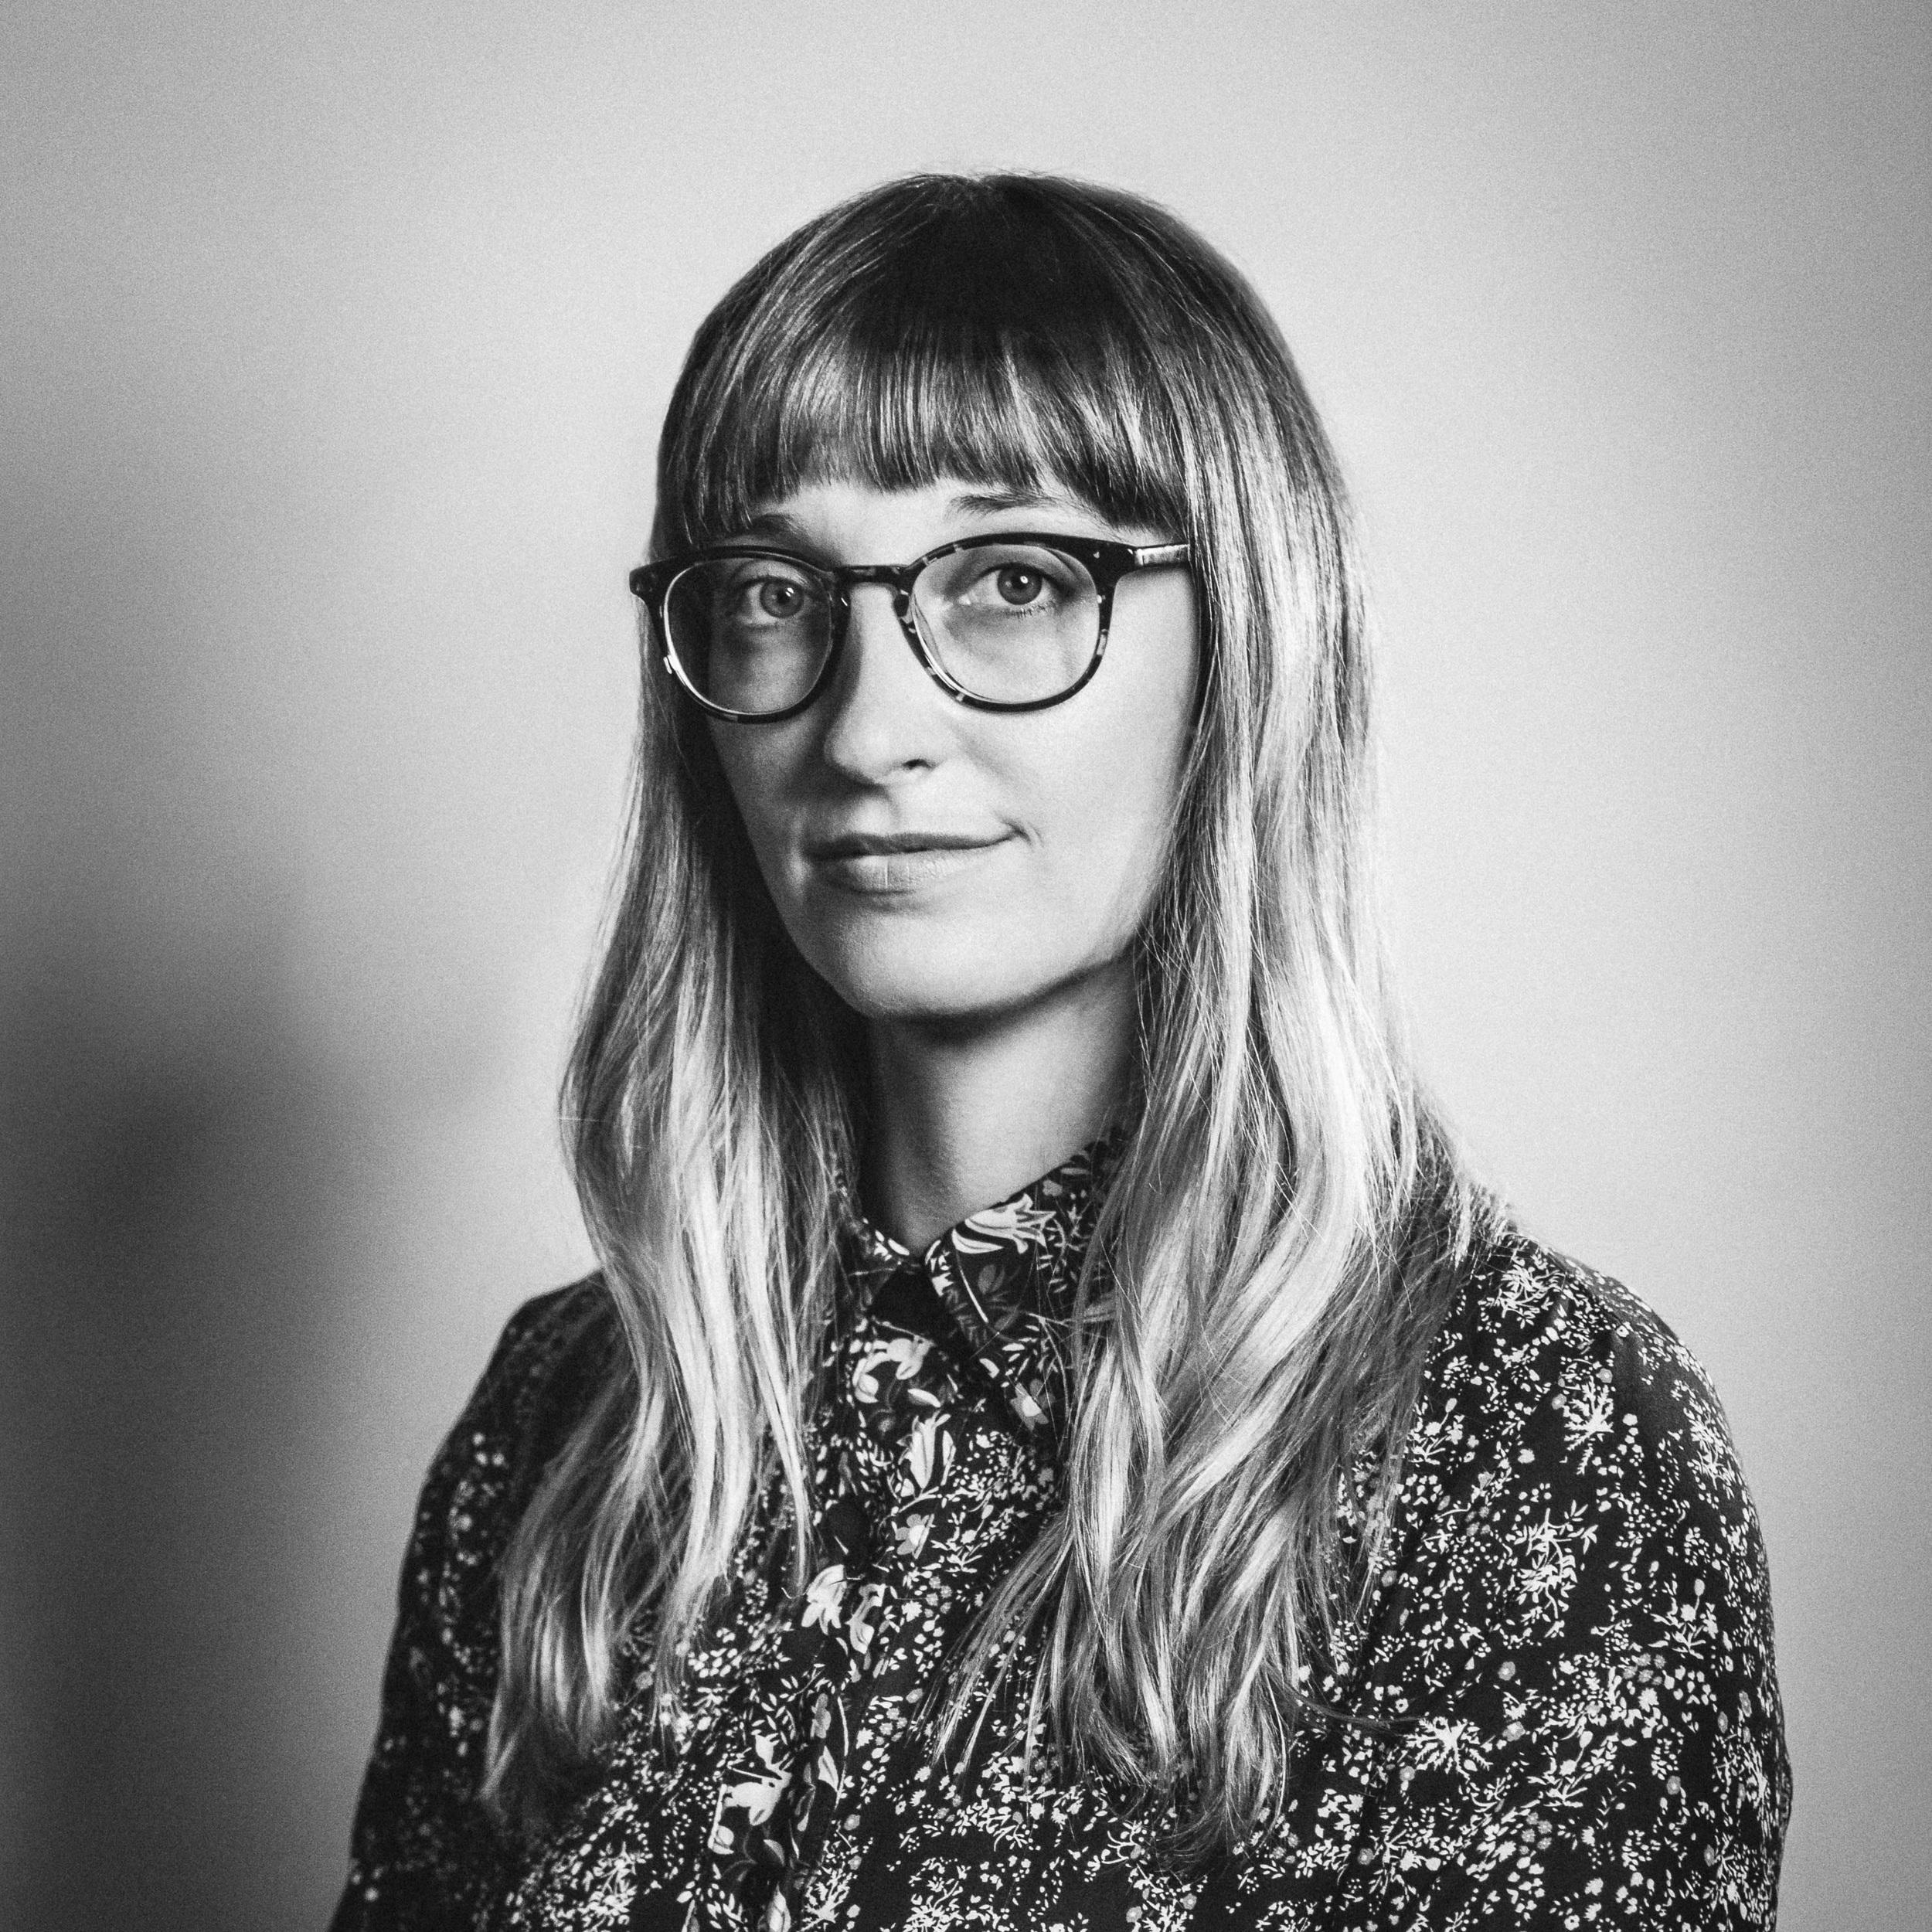 Emily-Silverman-MD-by-Paul-Gargagliano-Hazelphoto-2.jpg